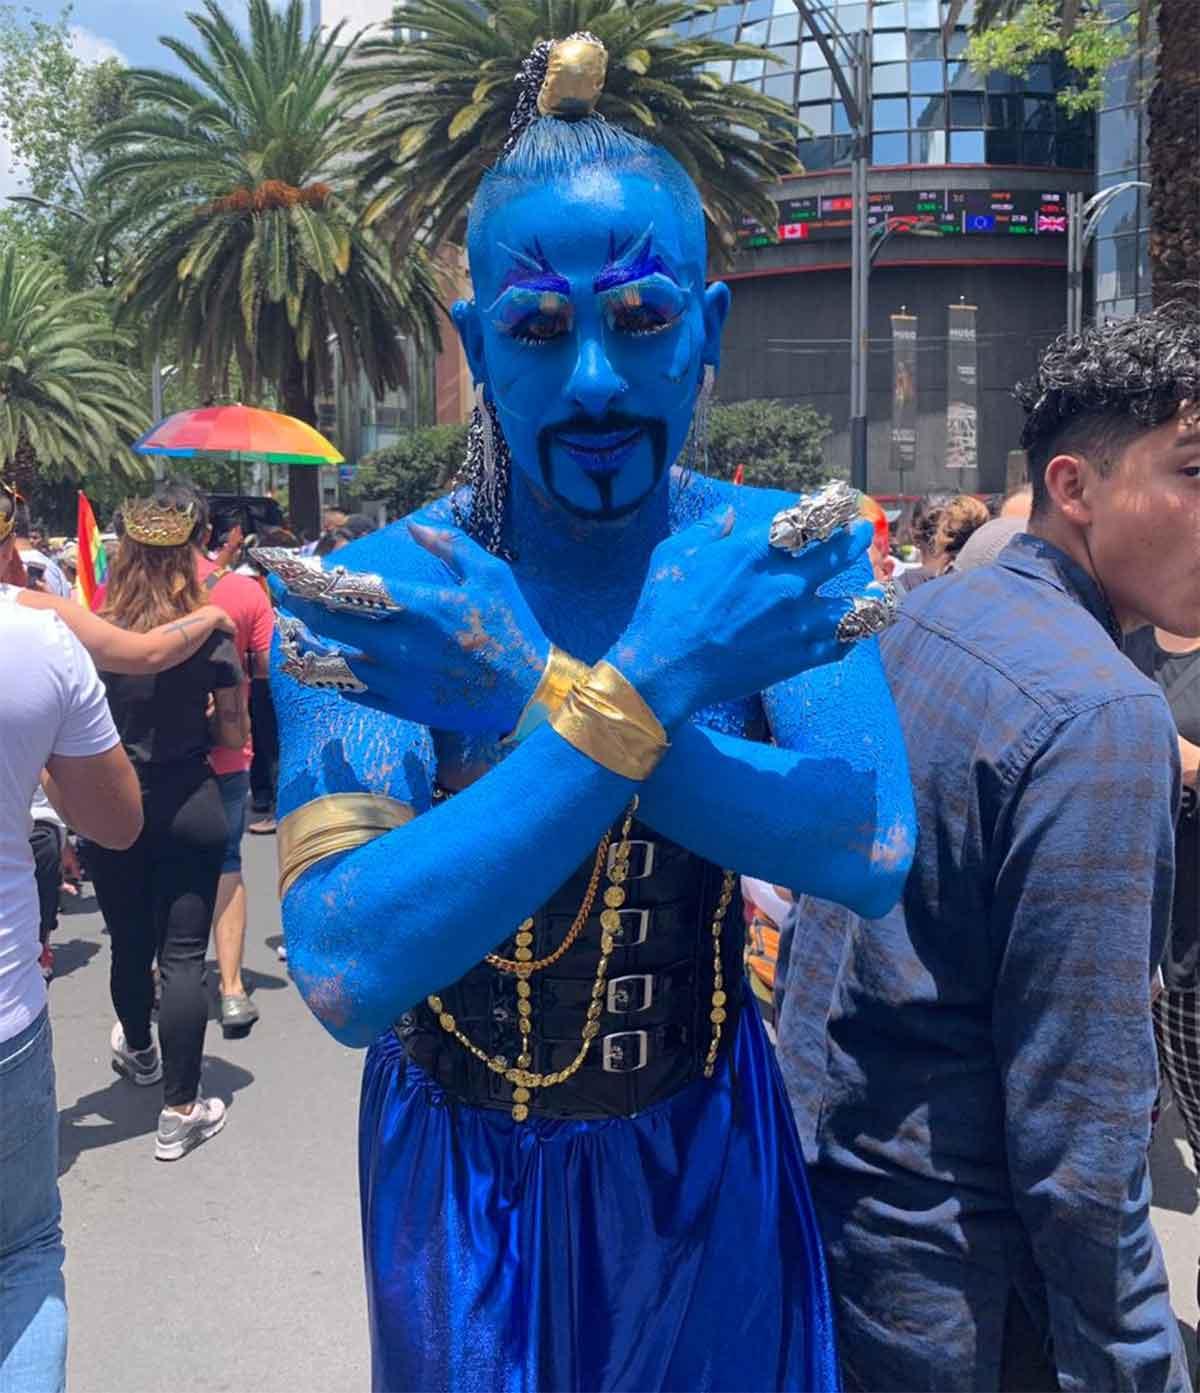 Inicia la marcha gay en Paseo de la Reforma